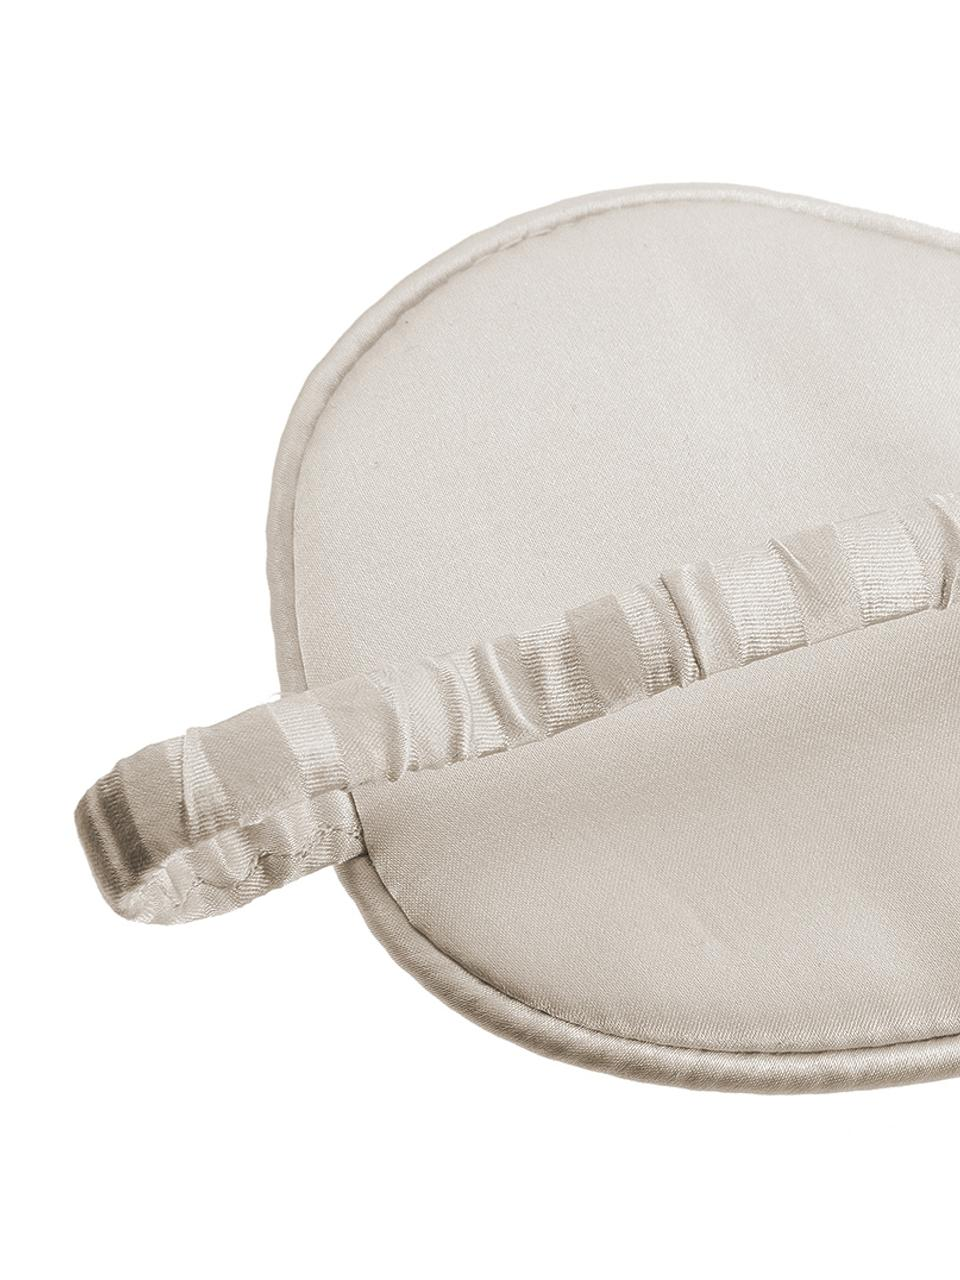 Seiden-Schlafmaske Silke, Vorderseite: 70% Kaschmir, 30% Merinow, Riemen: 100% Seide, Elfenbeinfarben, Beige, 21 x 9 cm